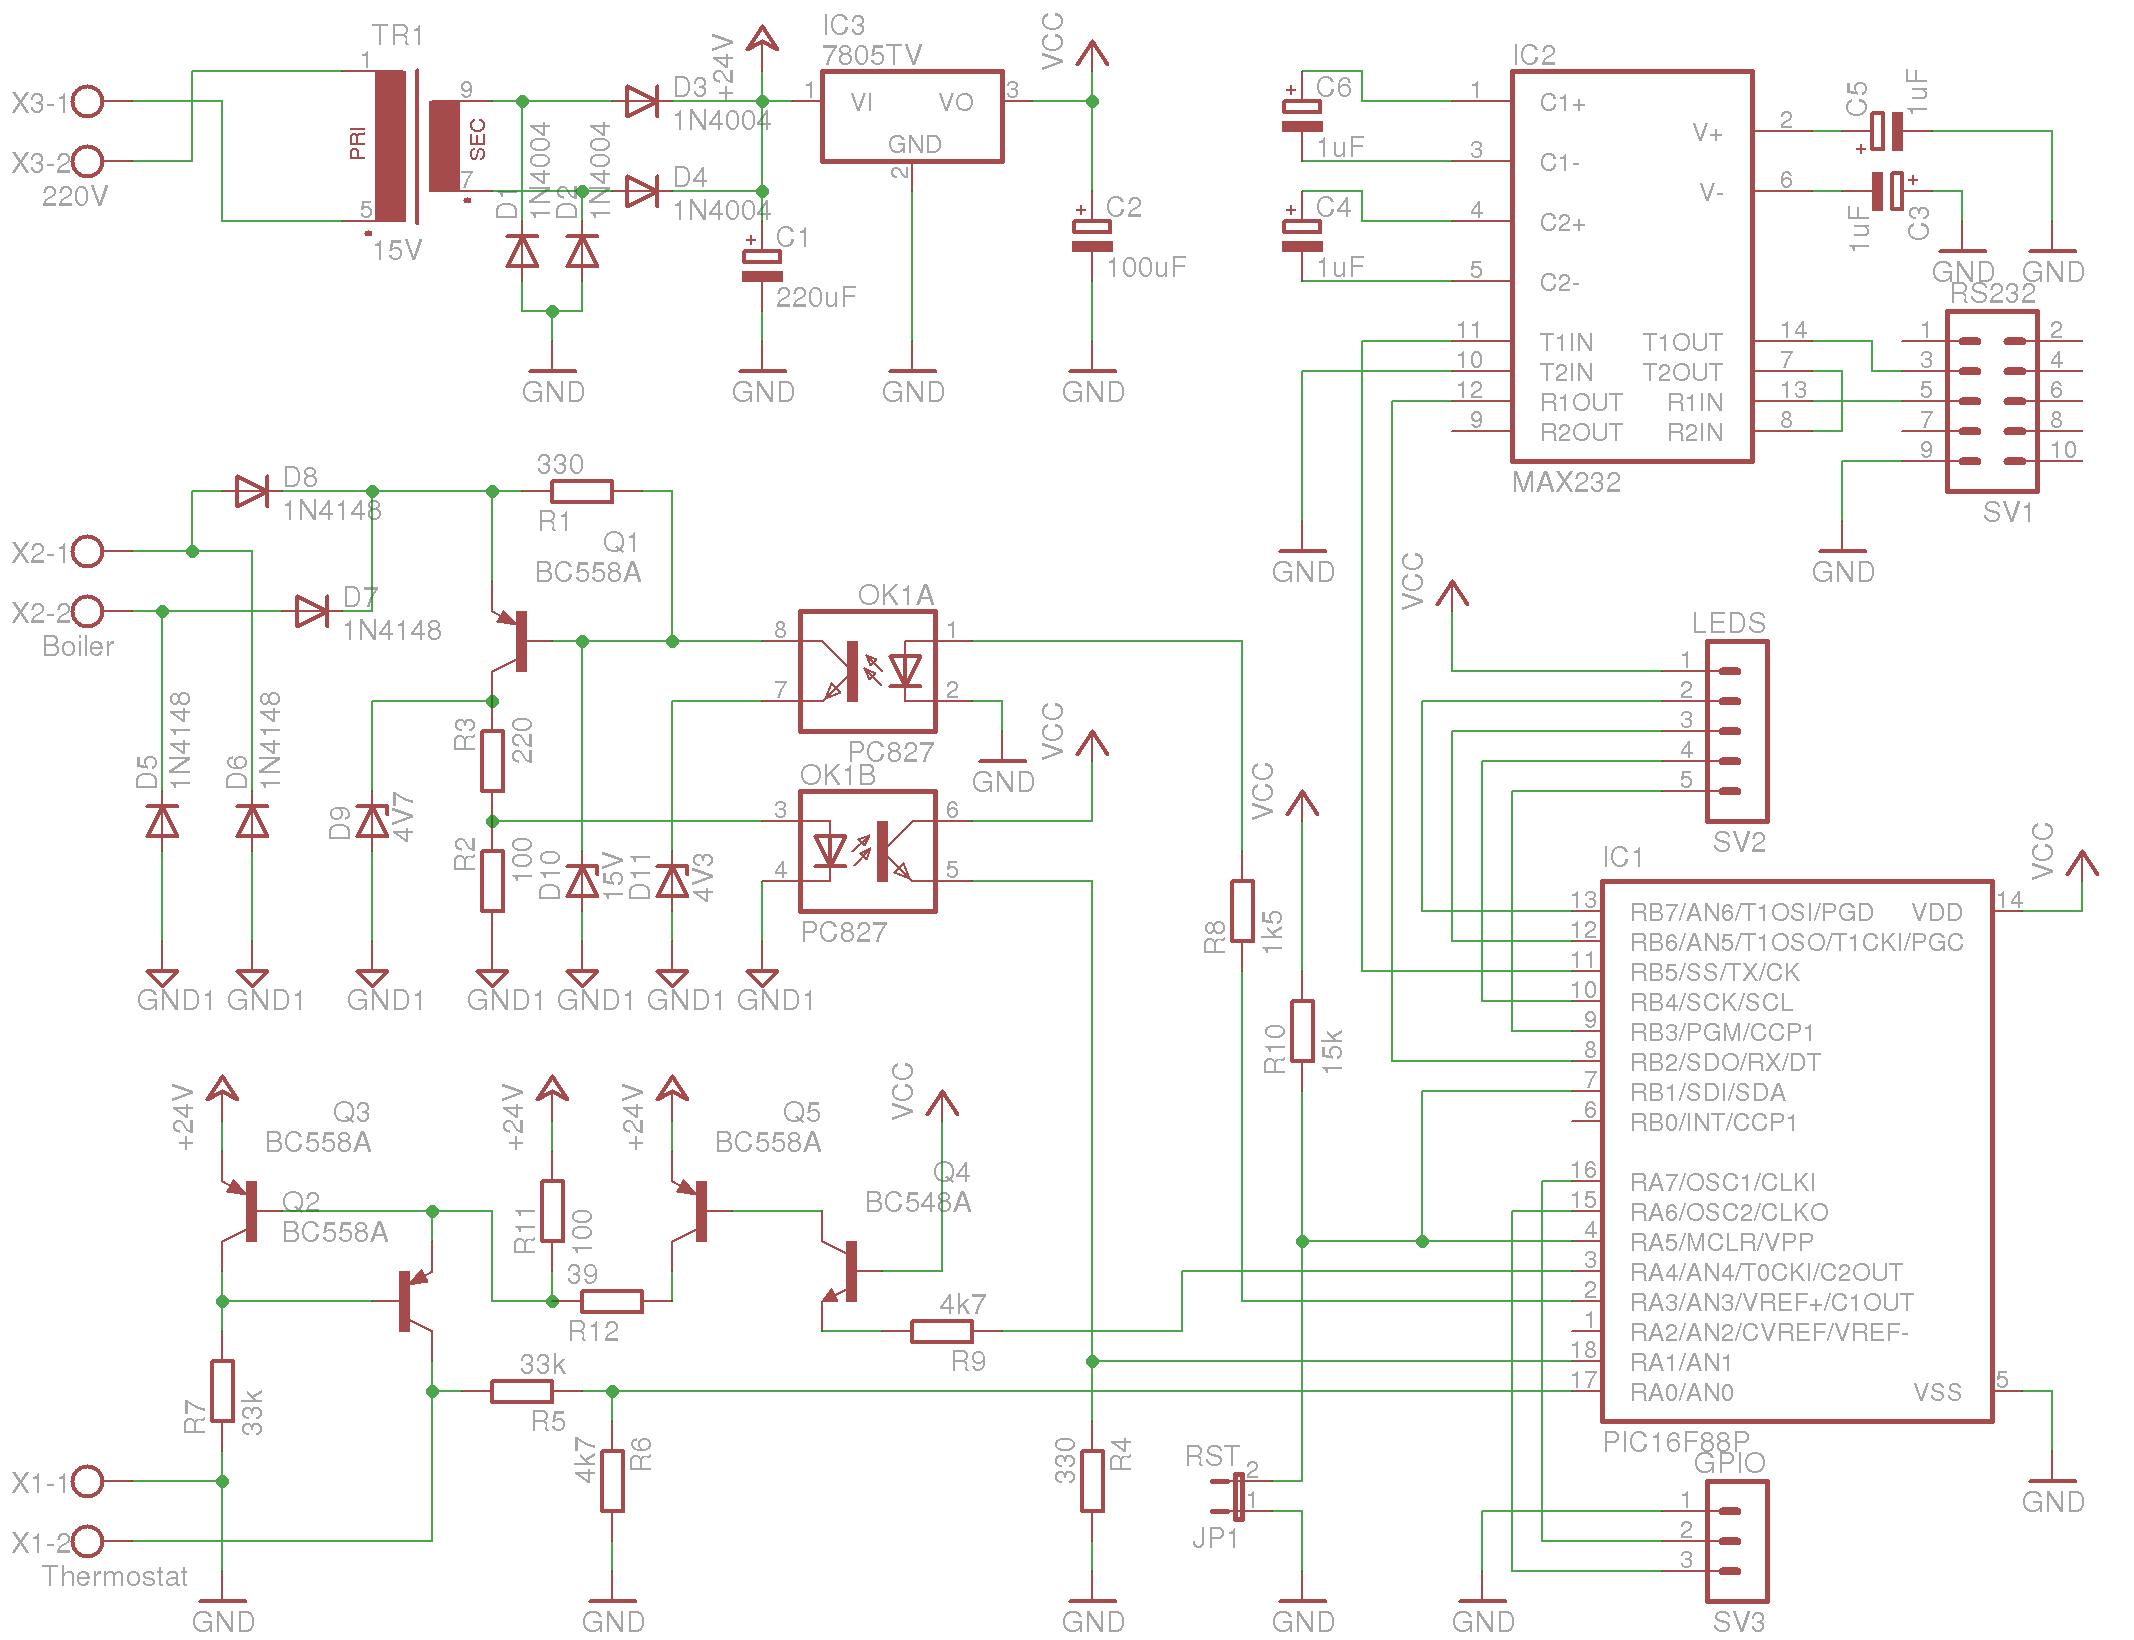 Gateway schematic